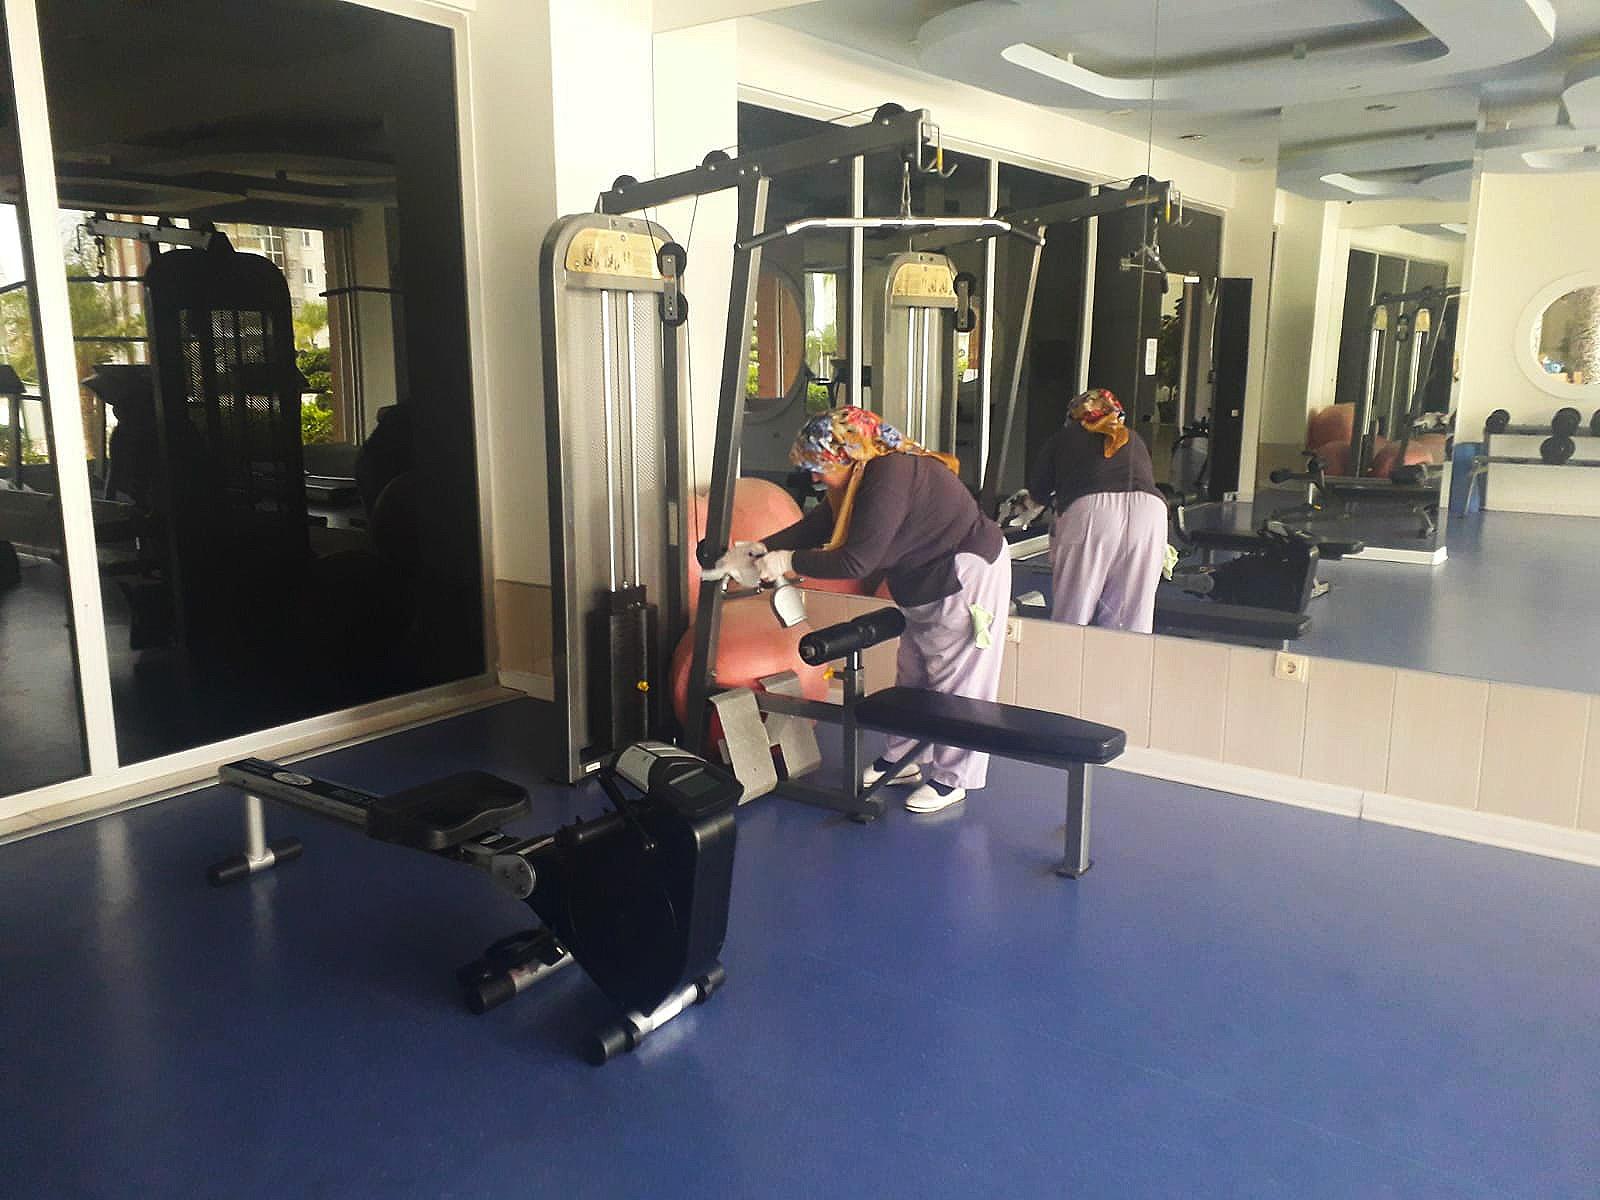 Fitnes  salonunda bulunan tüm spor aletleri özel bir ilaçla dezenfekte yapıldı..